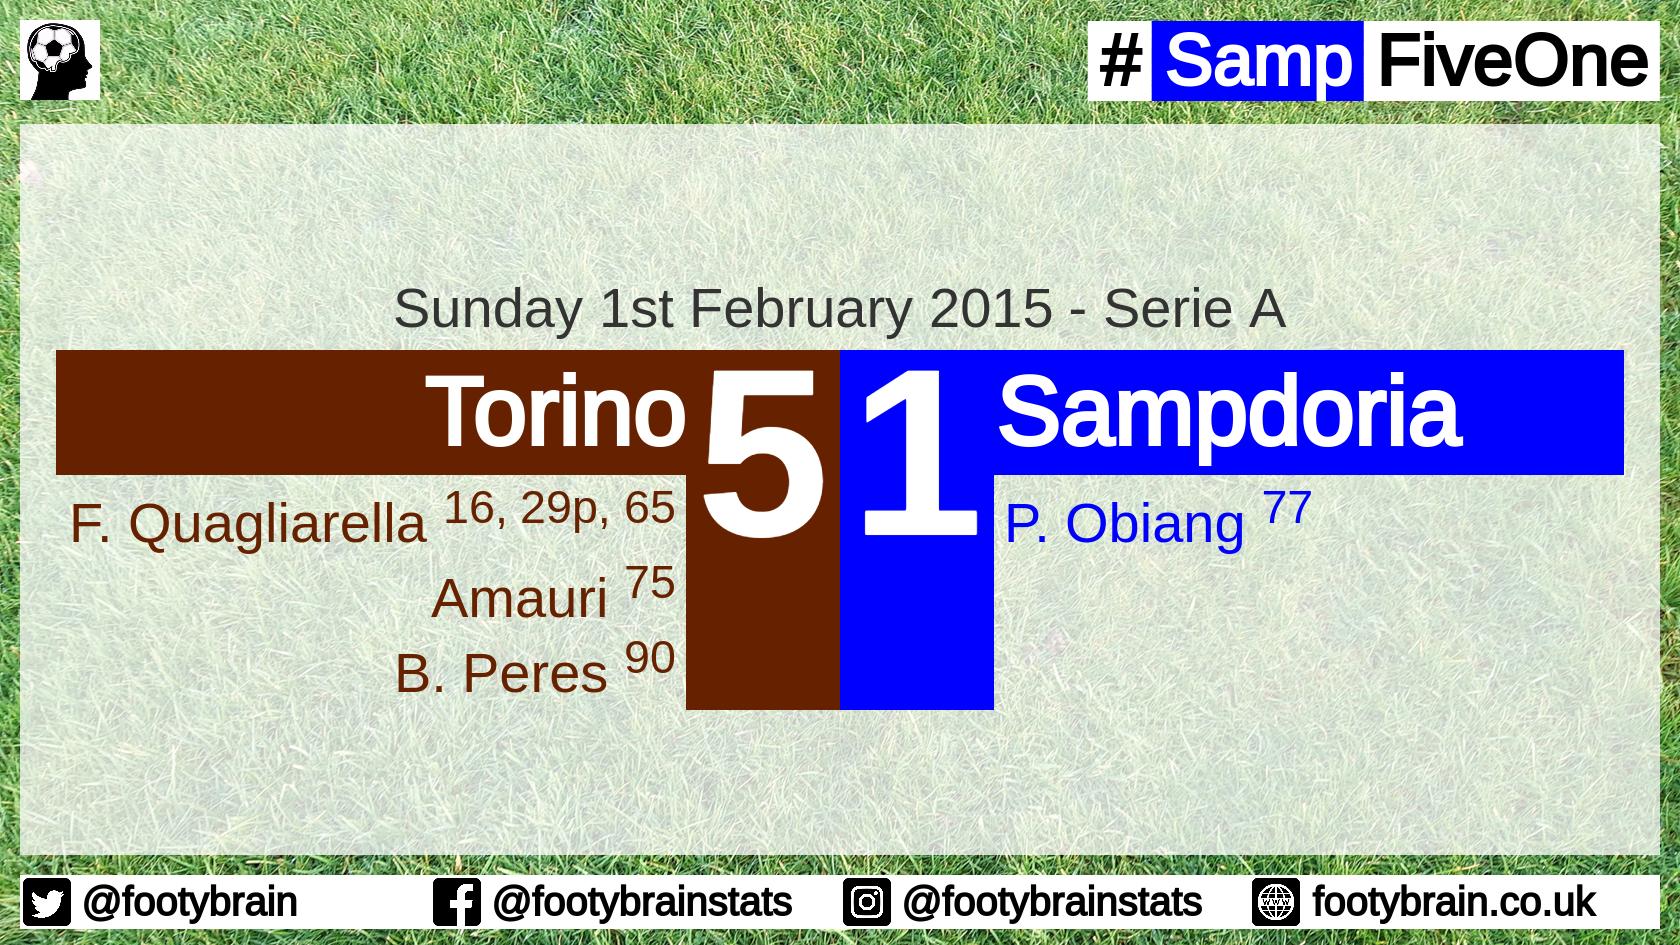 Torino 5 Sampdoria 1, 2015